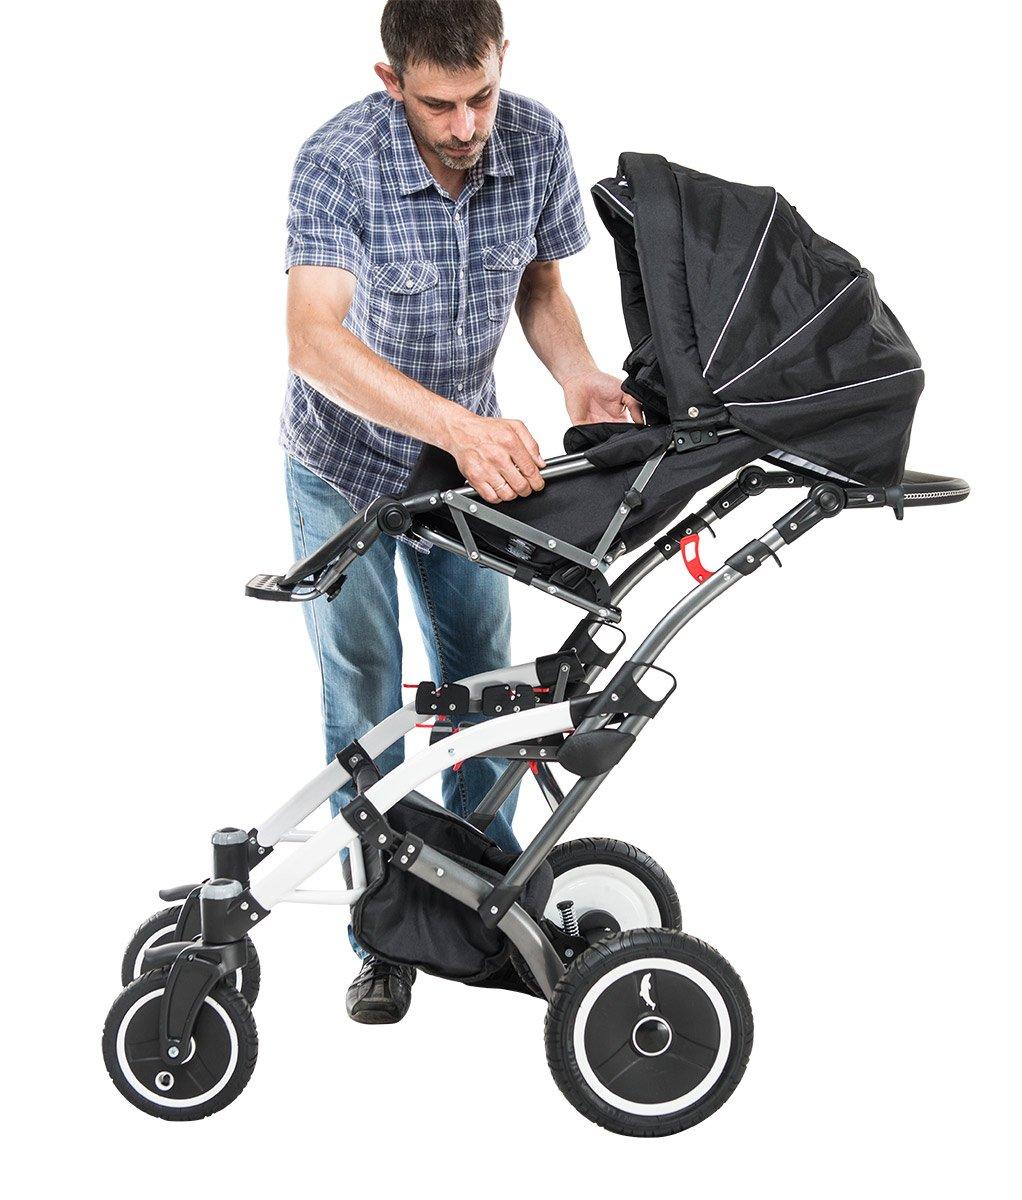 Cochecito para los niños con discapacidades HIPPO Nuevo Tamaño 2: Amazon.es: Bebé